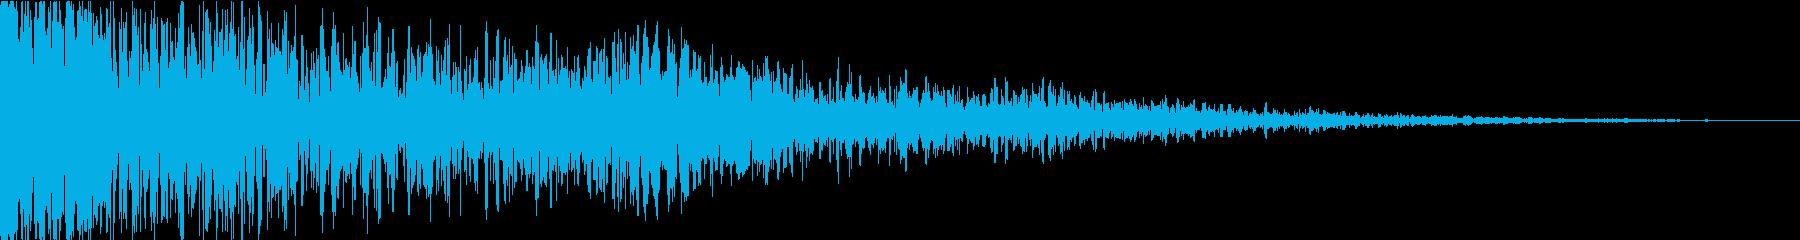 ドゥーン! 投下音-ydxの再生済みの波形